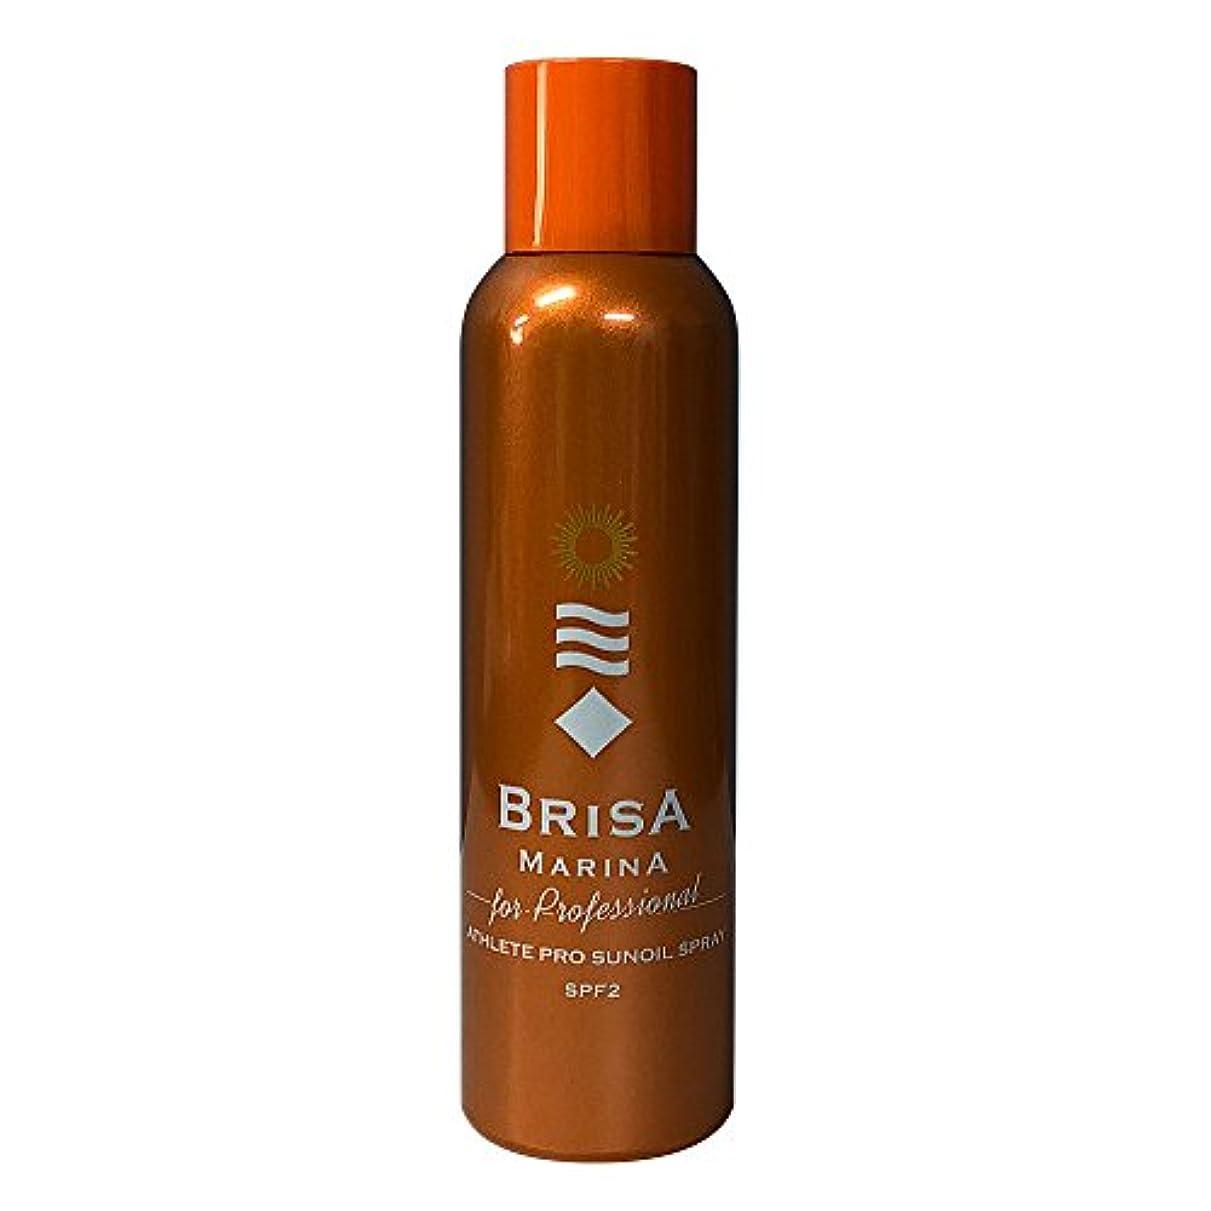 可動式有毒な孤独なBRISA MARINA(ブリサ マリーナ) アスリートプロ サンオイルスプレー [SPF2] Professional Edition [アスリートプロ 日焼け用スプレー] Z-0CBM0016610